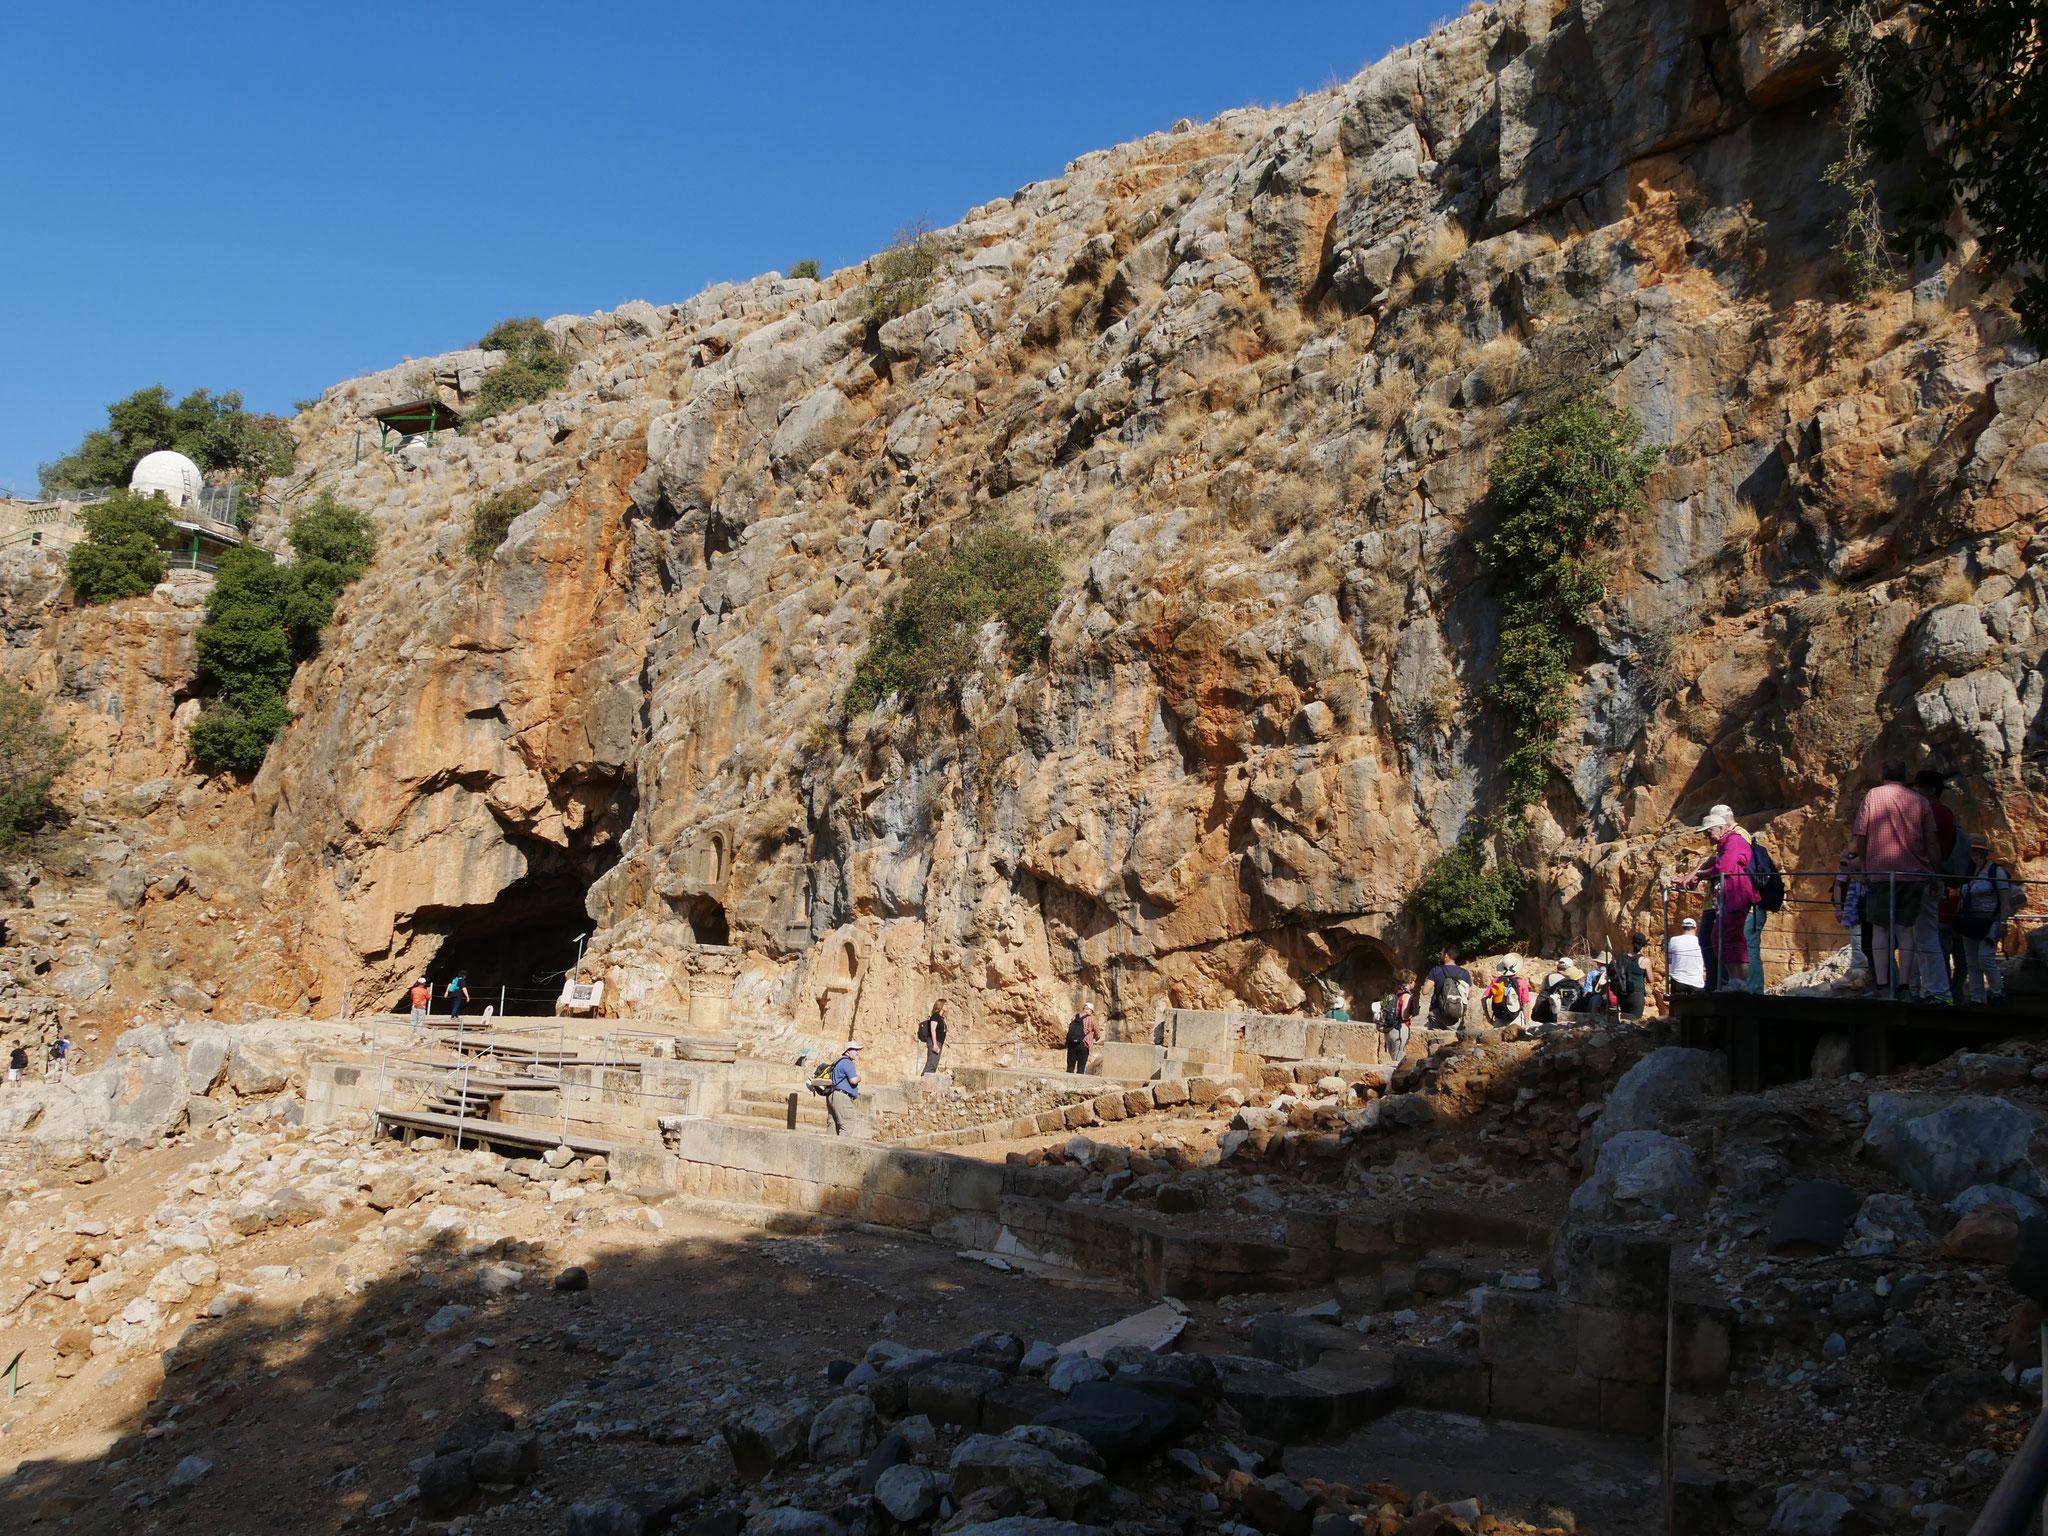 Banias-Tempelanlage - Ceäserea Philippi